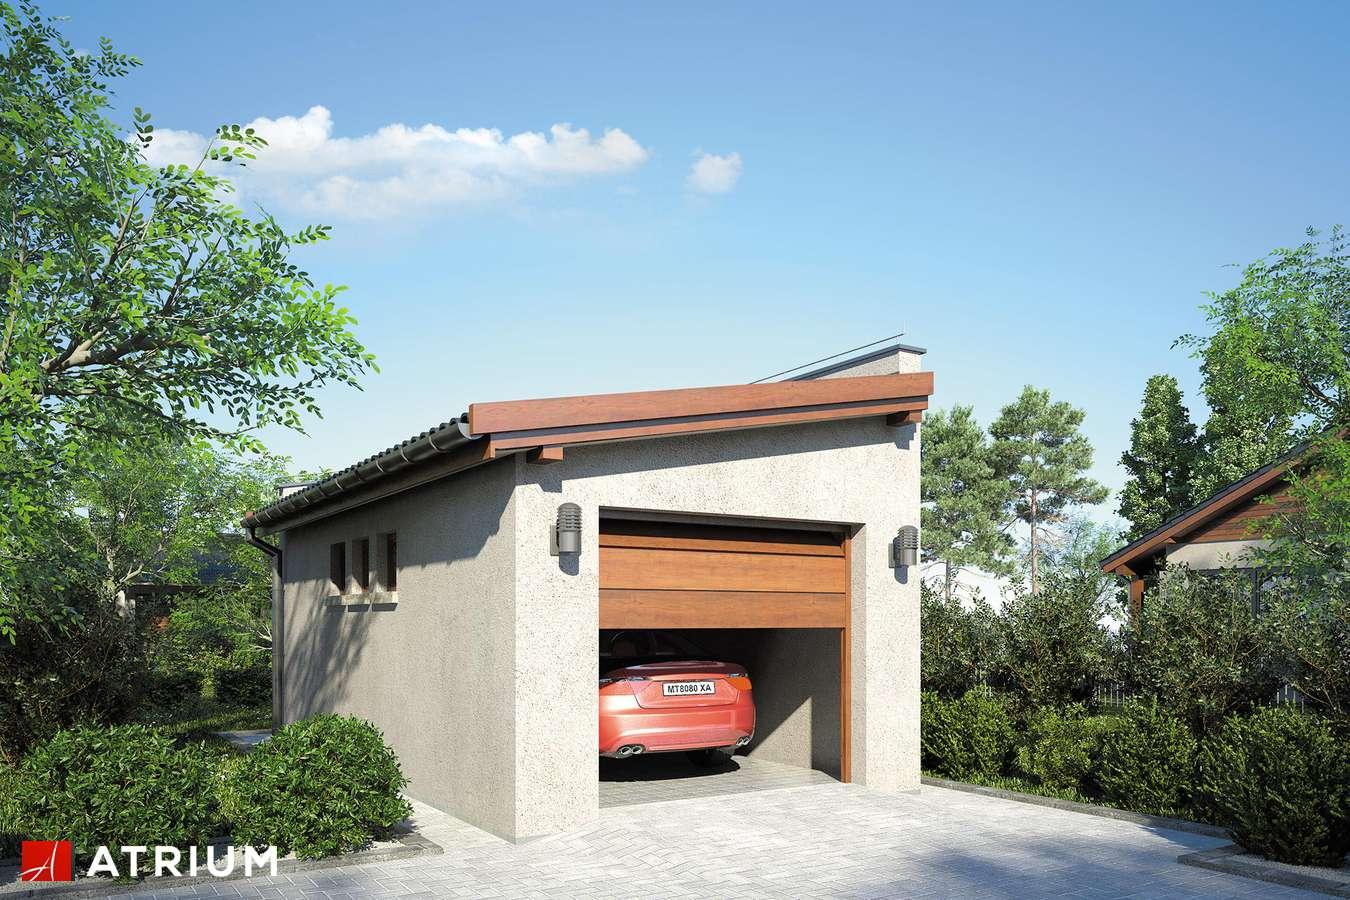 Garaż ZC 9 - wizualizacja 1